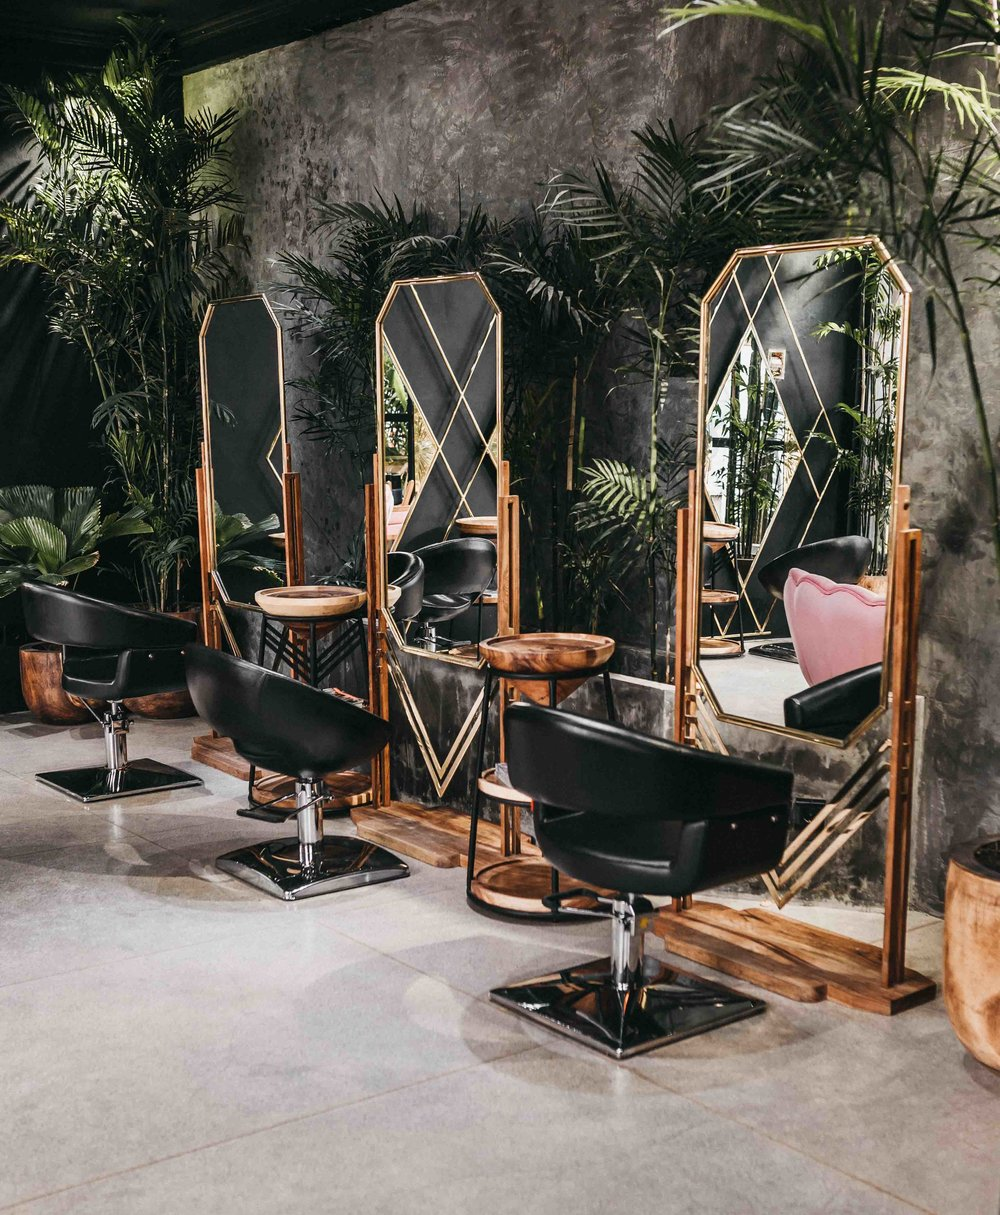 keira-mason-jet-black-ginger-salon-plants.jpg